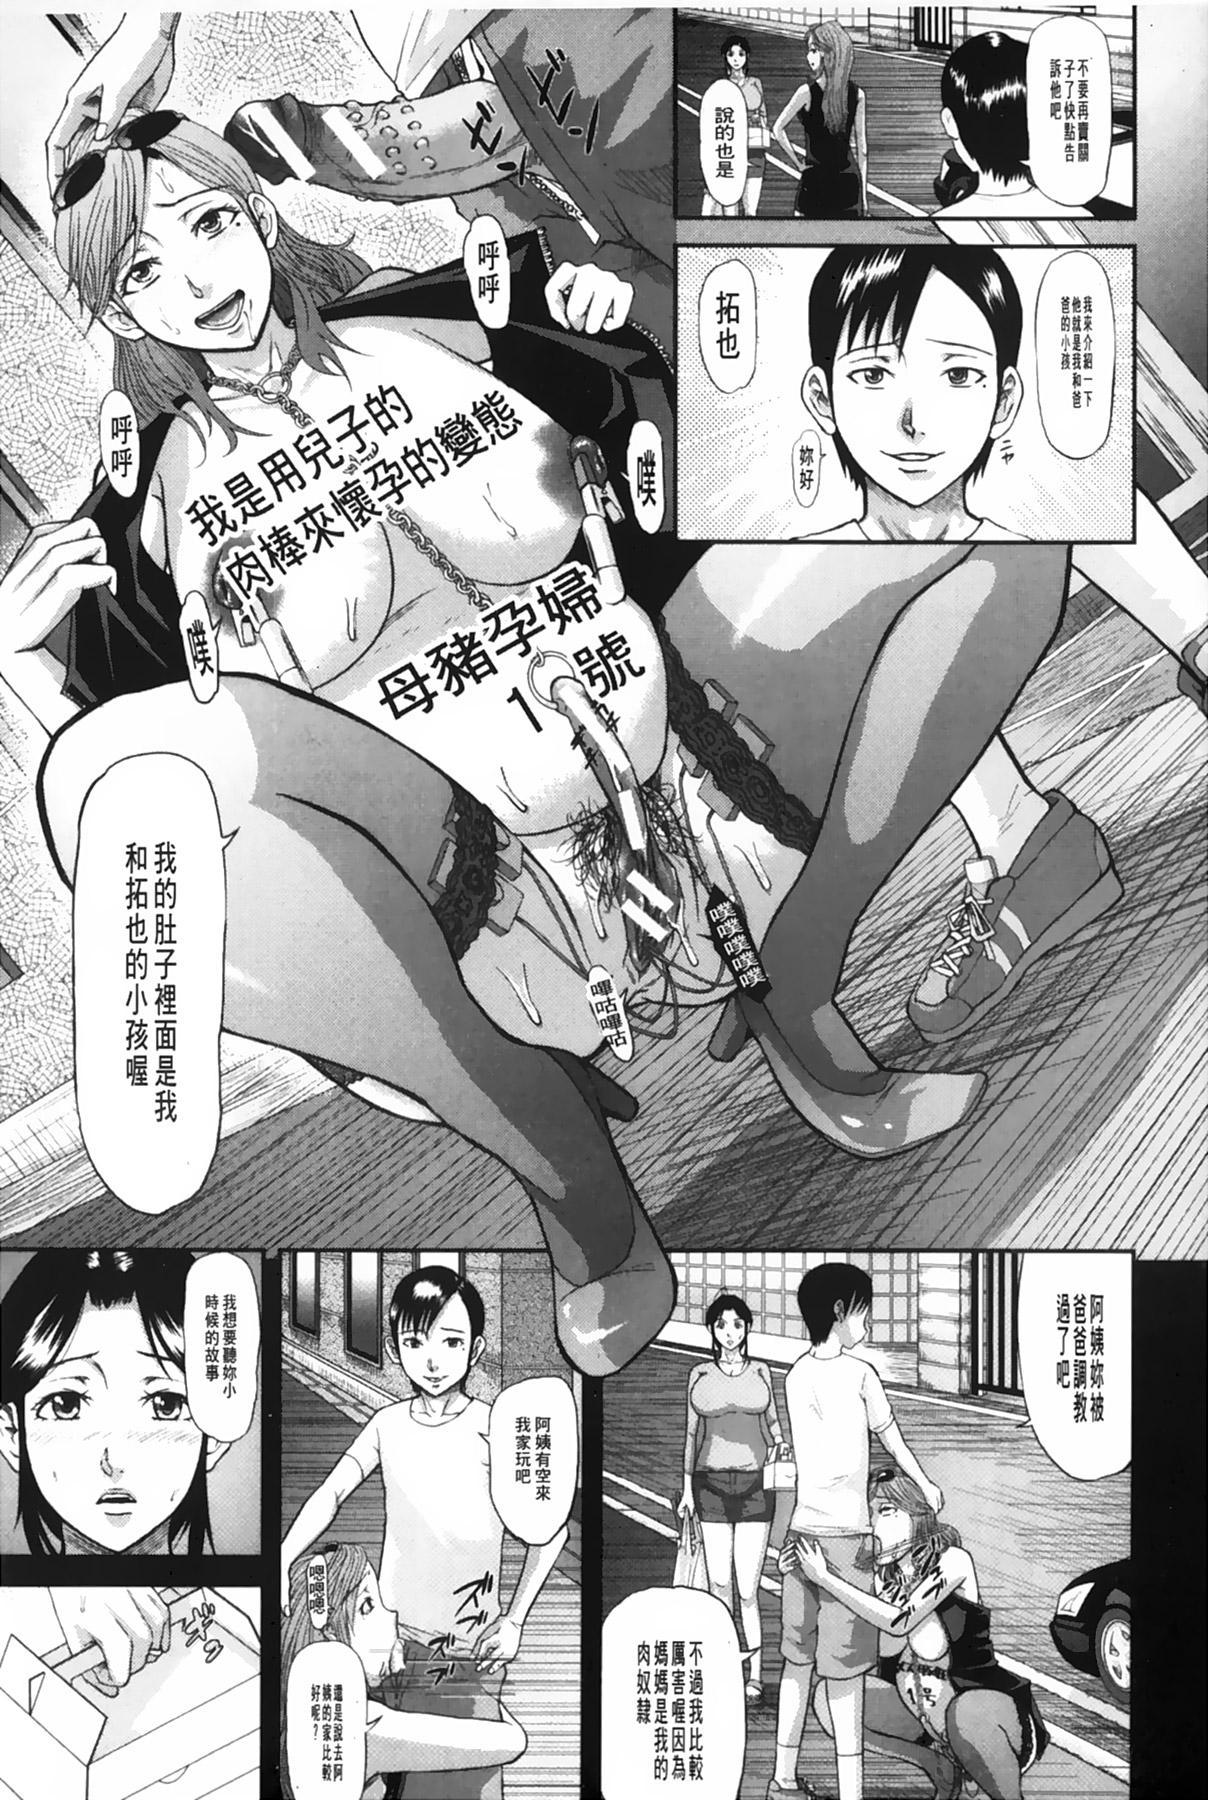 [Honebuto Danshaku] Onna Jigoku Niku no Tsubo~Hentai Rui Inran Ka Mesu Buta Ichidaiki~ | 女地獄、肉之壺 ~変態類淫乱科淫母豬一代記~ [Chinese] 81